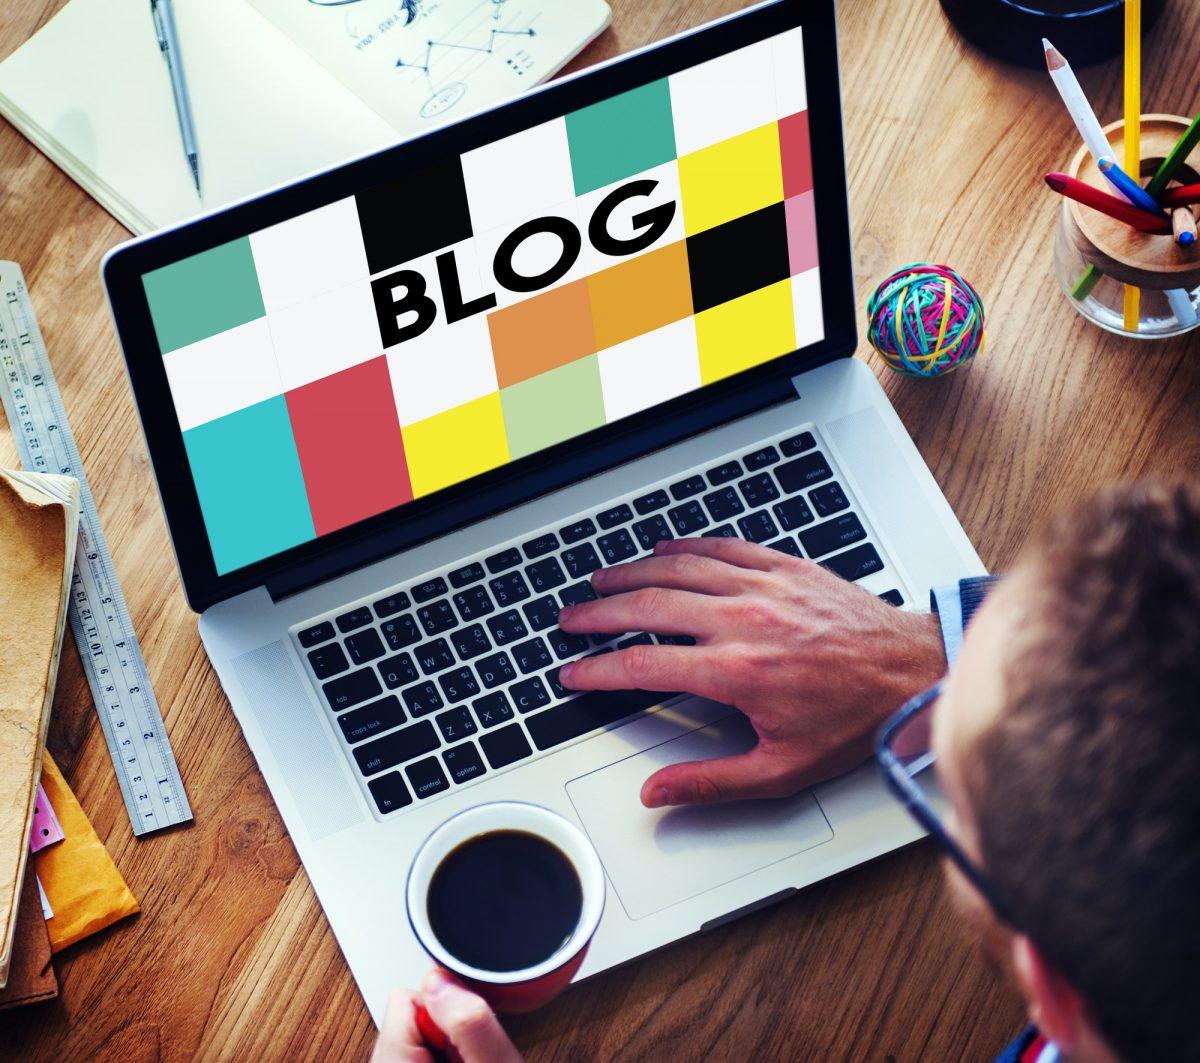 Blog personal - Disseny i configuració